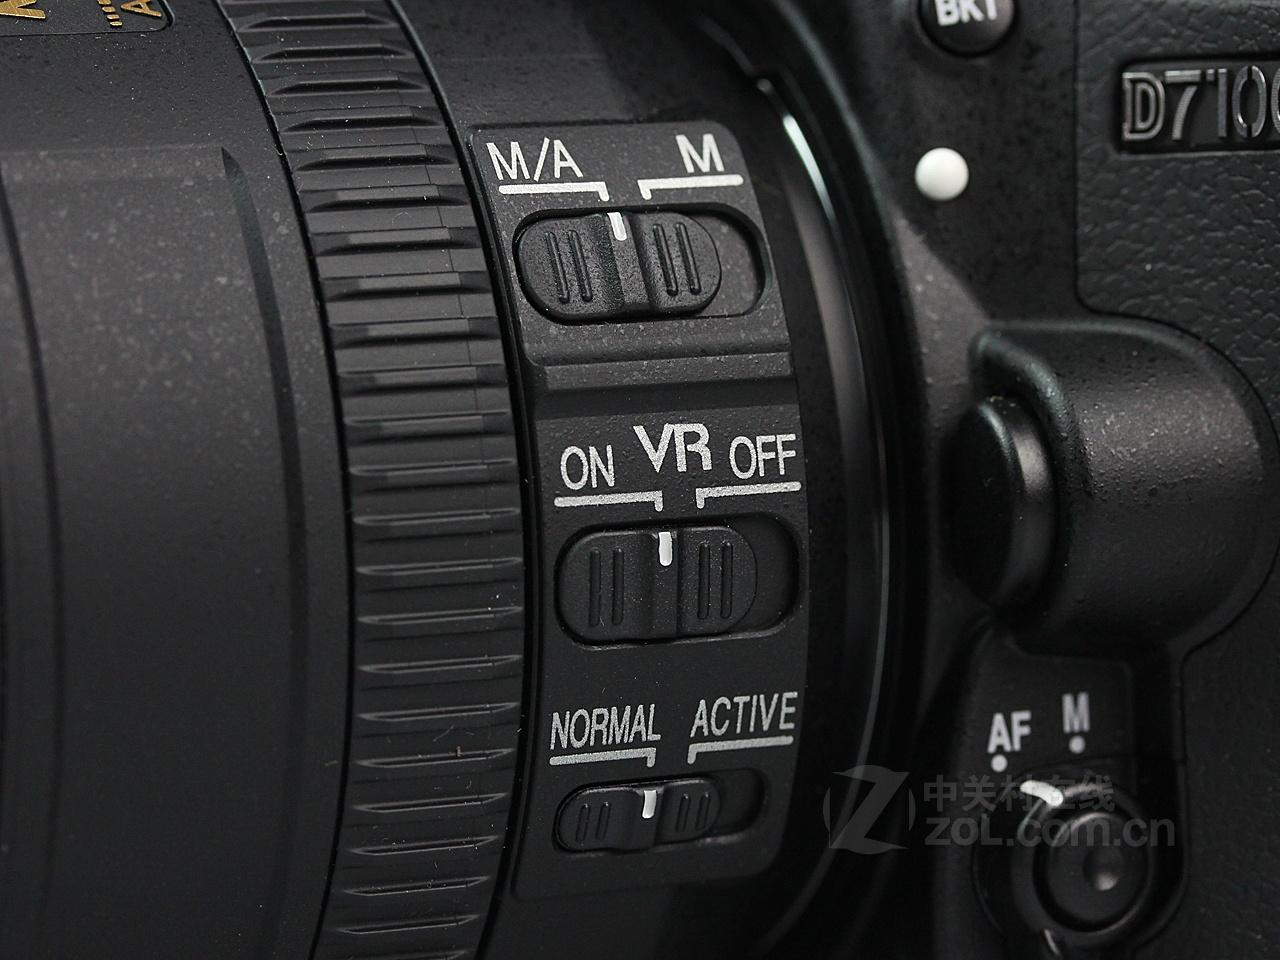 【原始大图】尼康d7100镜头设置按钮图片欣赏-zol